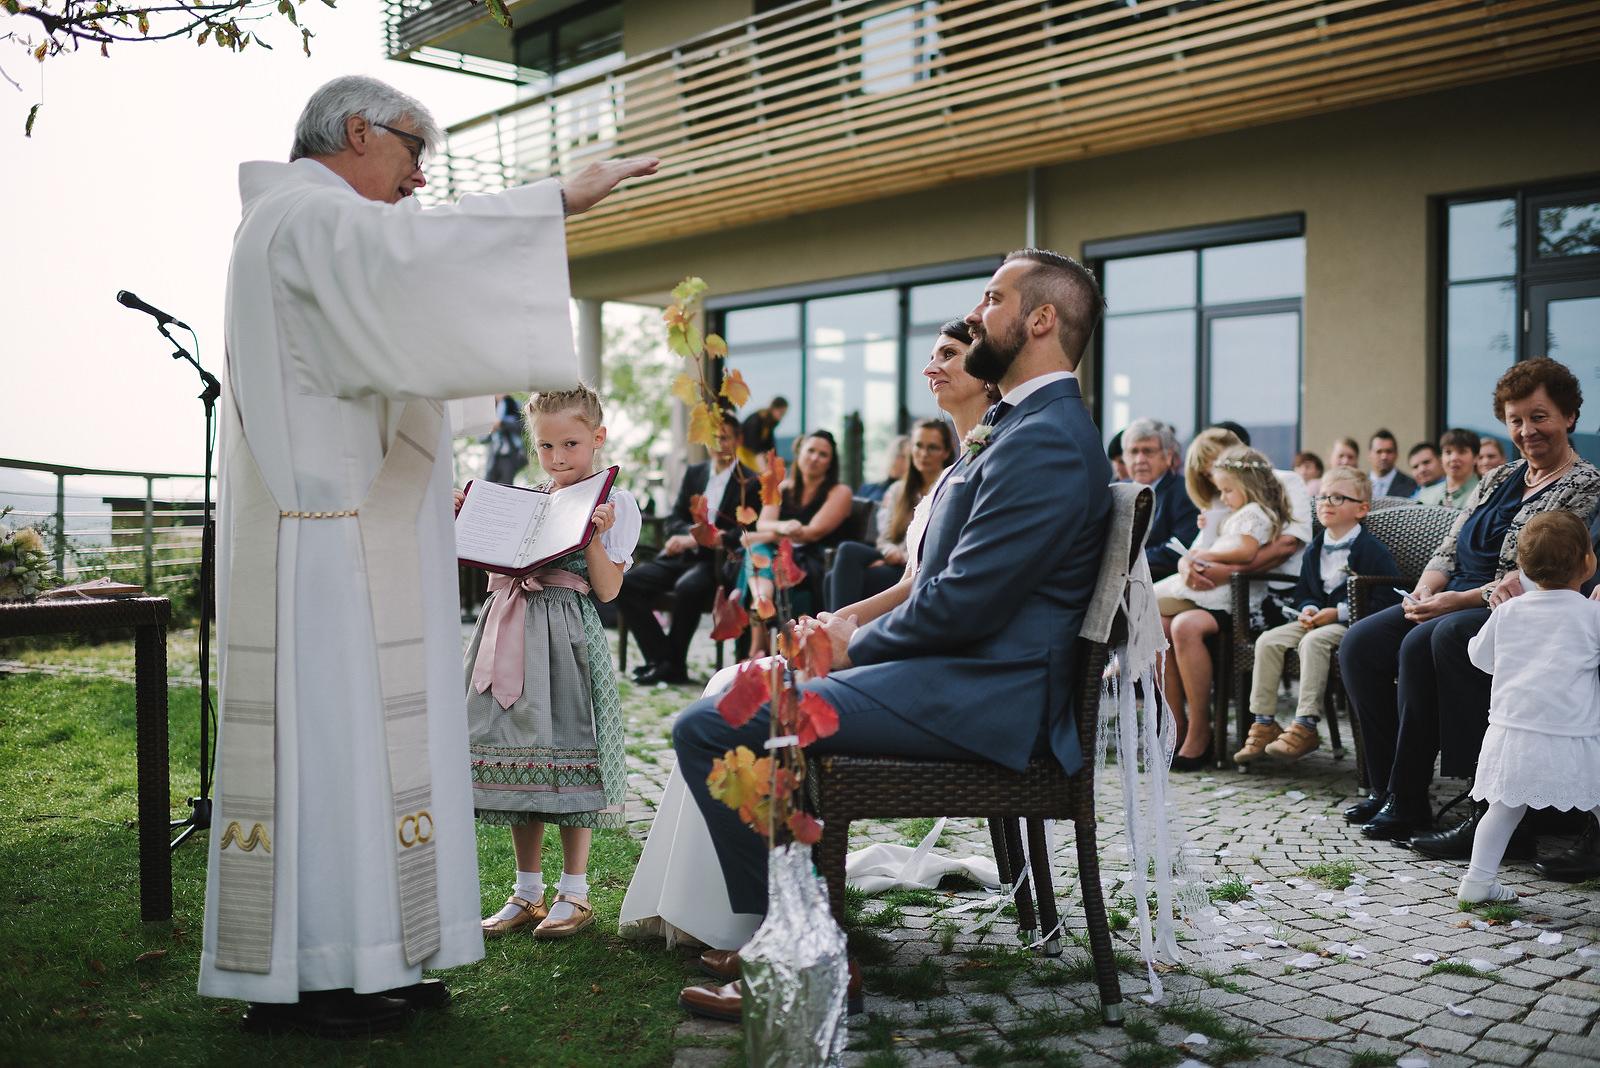 Fotograf Konstanz - Hochzeitsfotograf Reutlingen Achalm Hochzeit EFP 57 - Documentary wedding story on the Achalm, Reutlingen  - 47 -